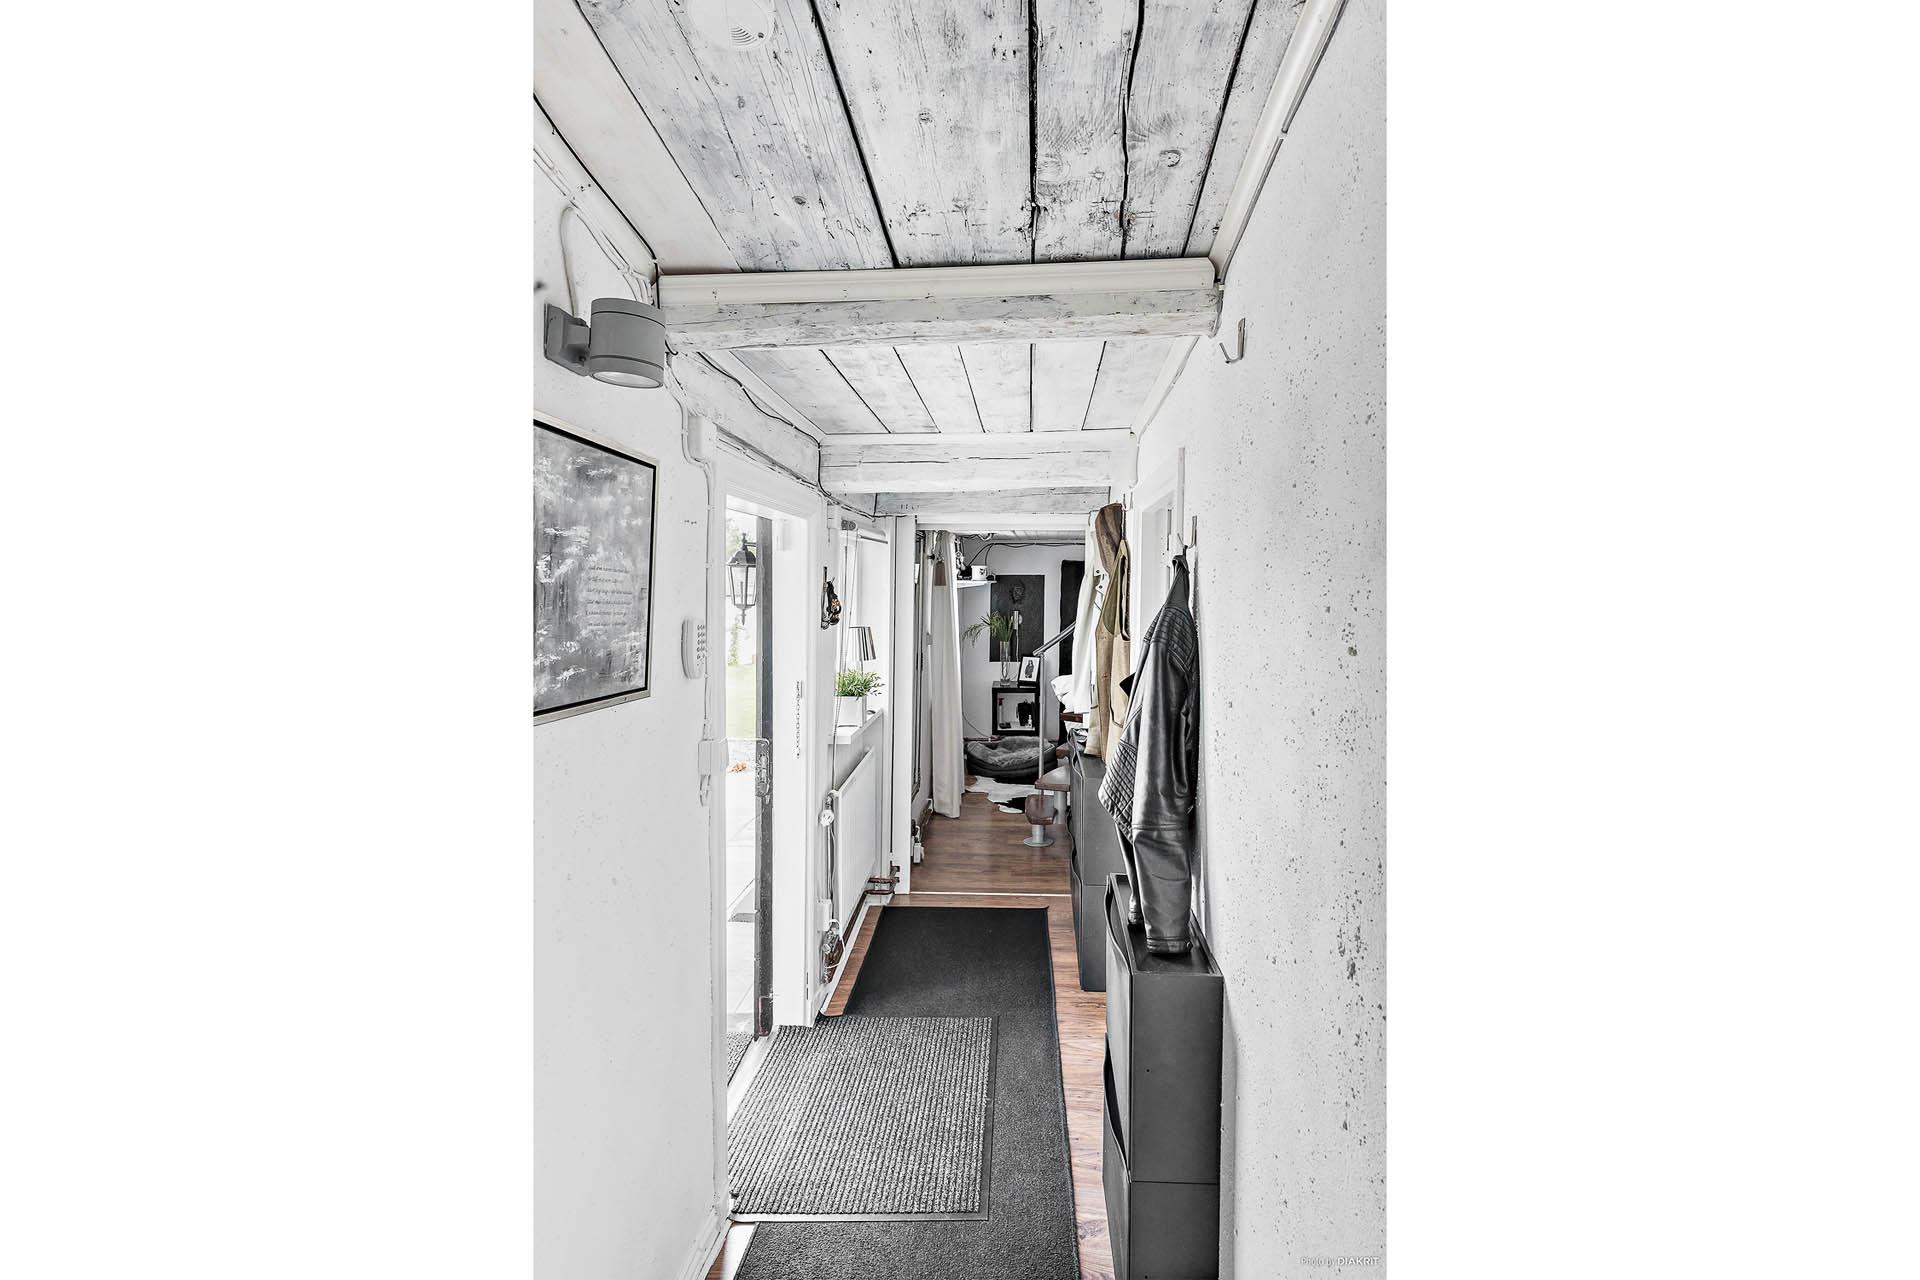 Vi går in via korsvirkesbyggnaden. Här hittas även den praktiska tvättstugan och ett av villans sovrum, väl avskilt från övriga del av huset samt en trappa upp till en ovanvåning med mindre toalett samt walk in closet alt. sovrum.